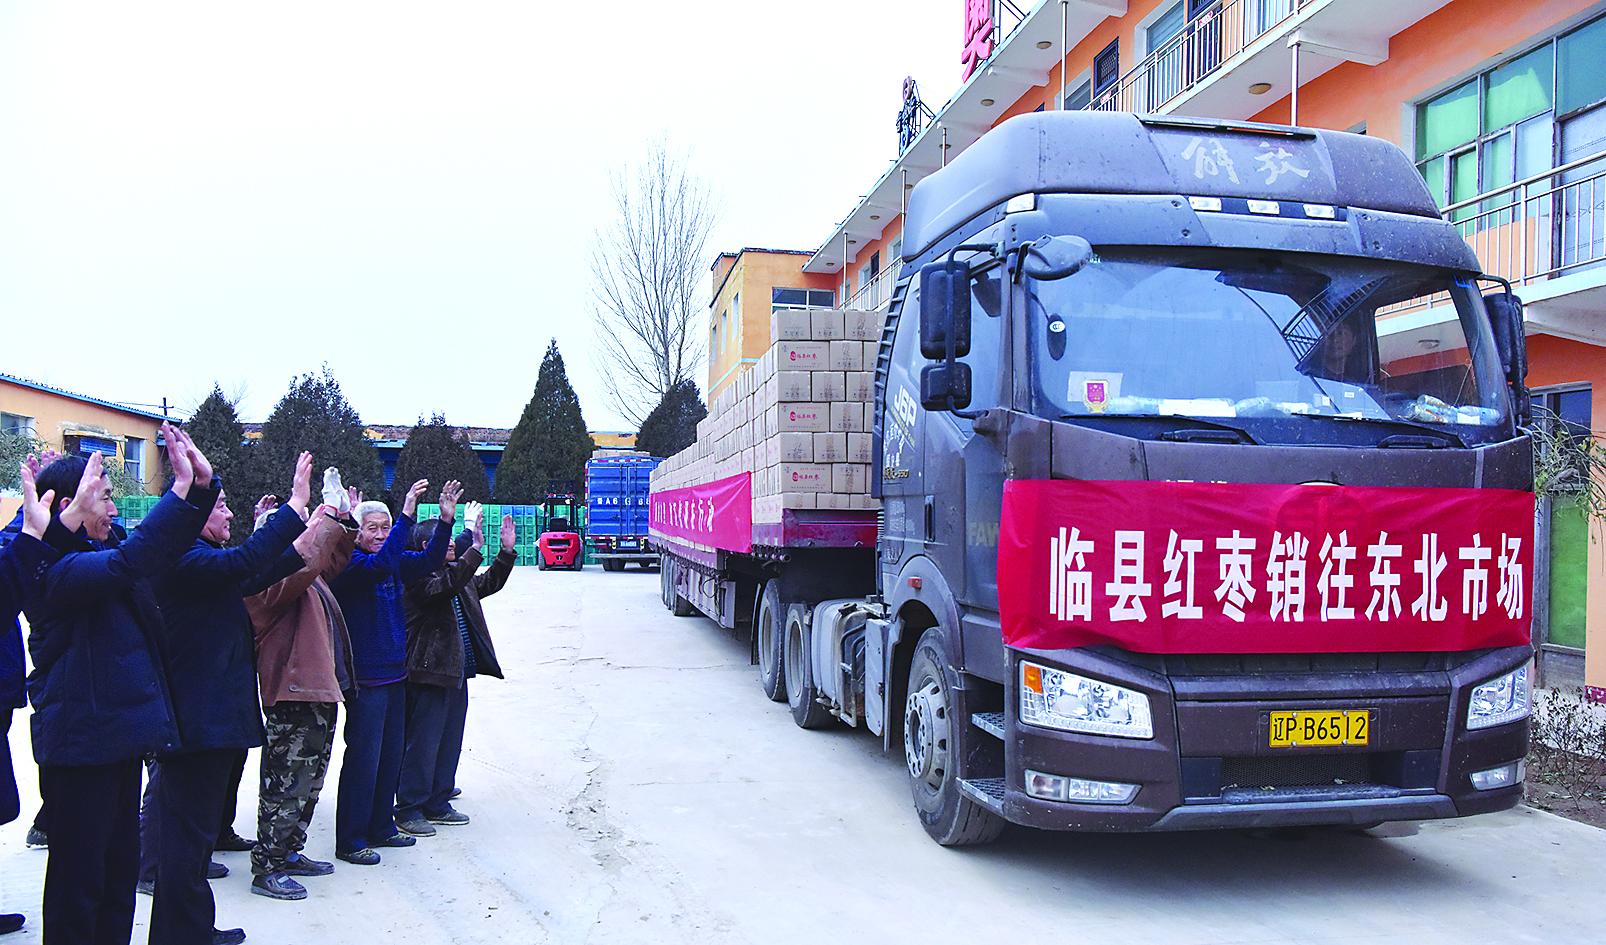 临县首批3.5万公斤红枣销往长春